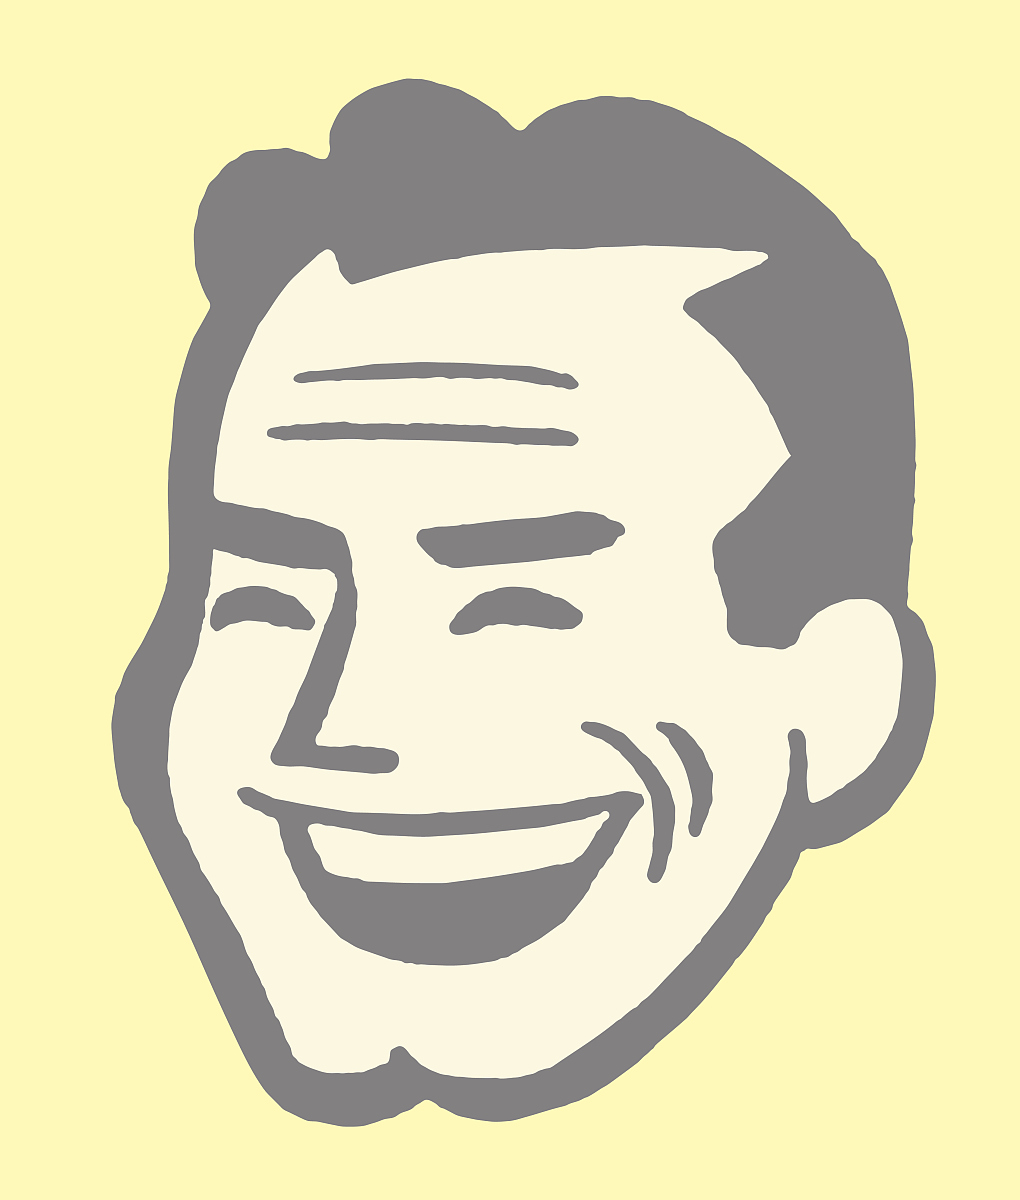 轮廓,人,背景分离,男人,简单背景,笑,成年人,面部表情,发型,矢量图片